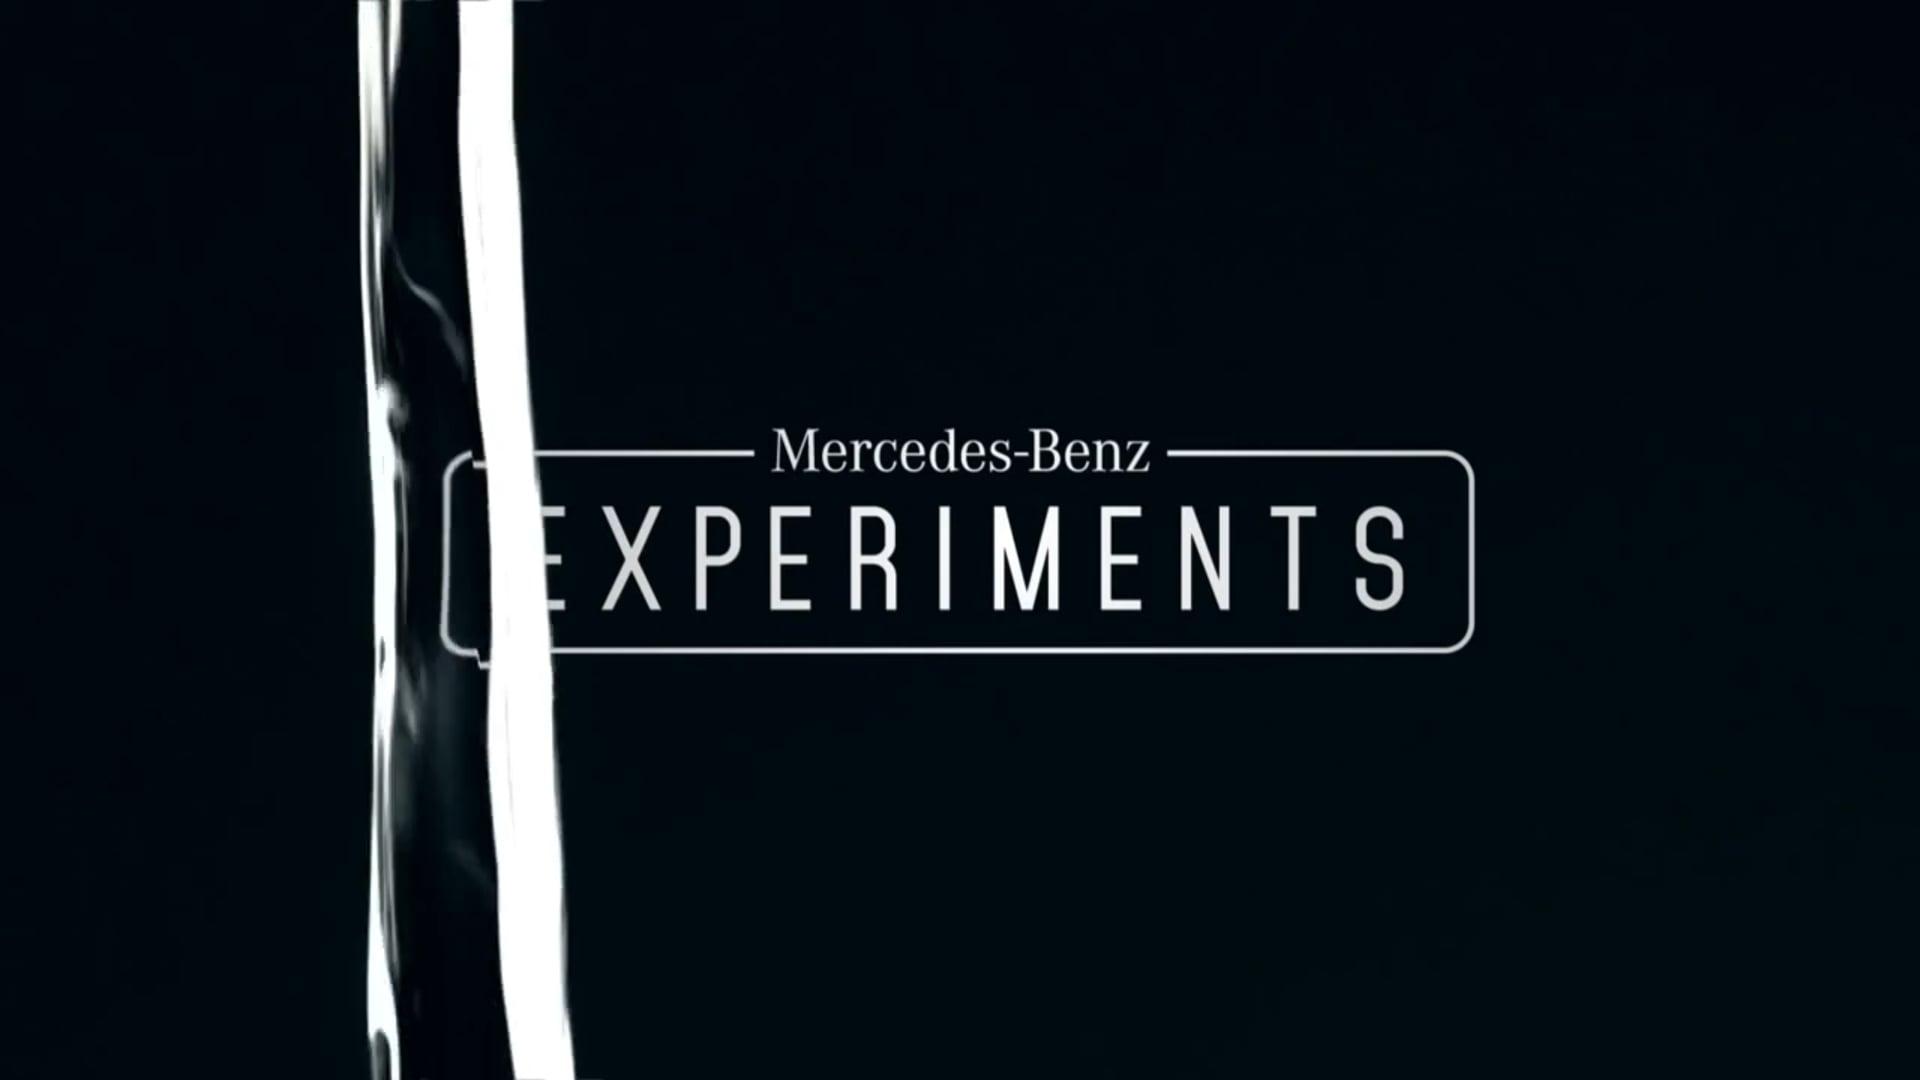 Mercedes-Benz - Experiments: Water